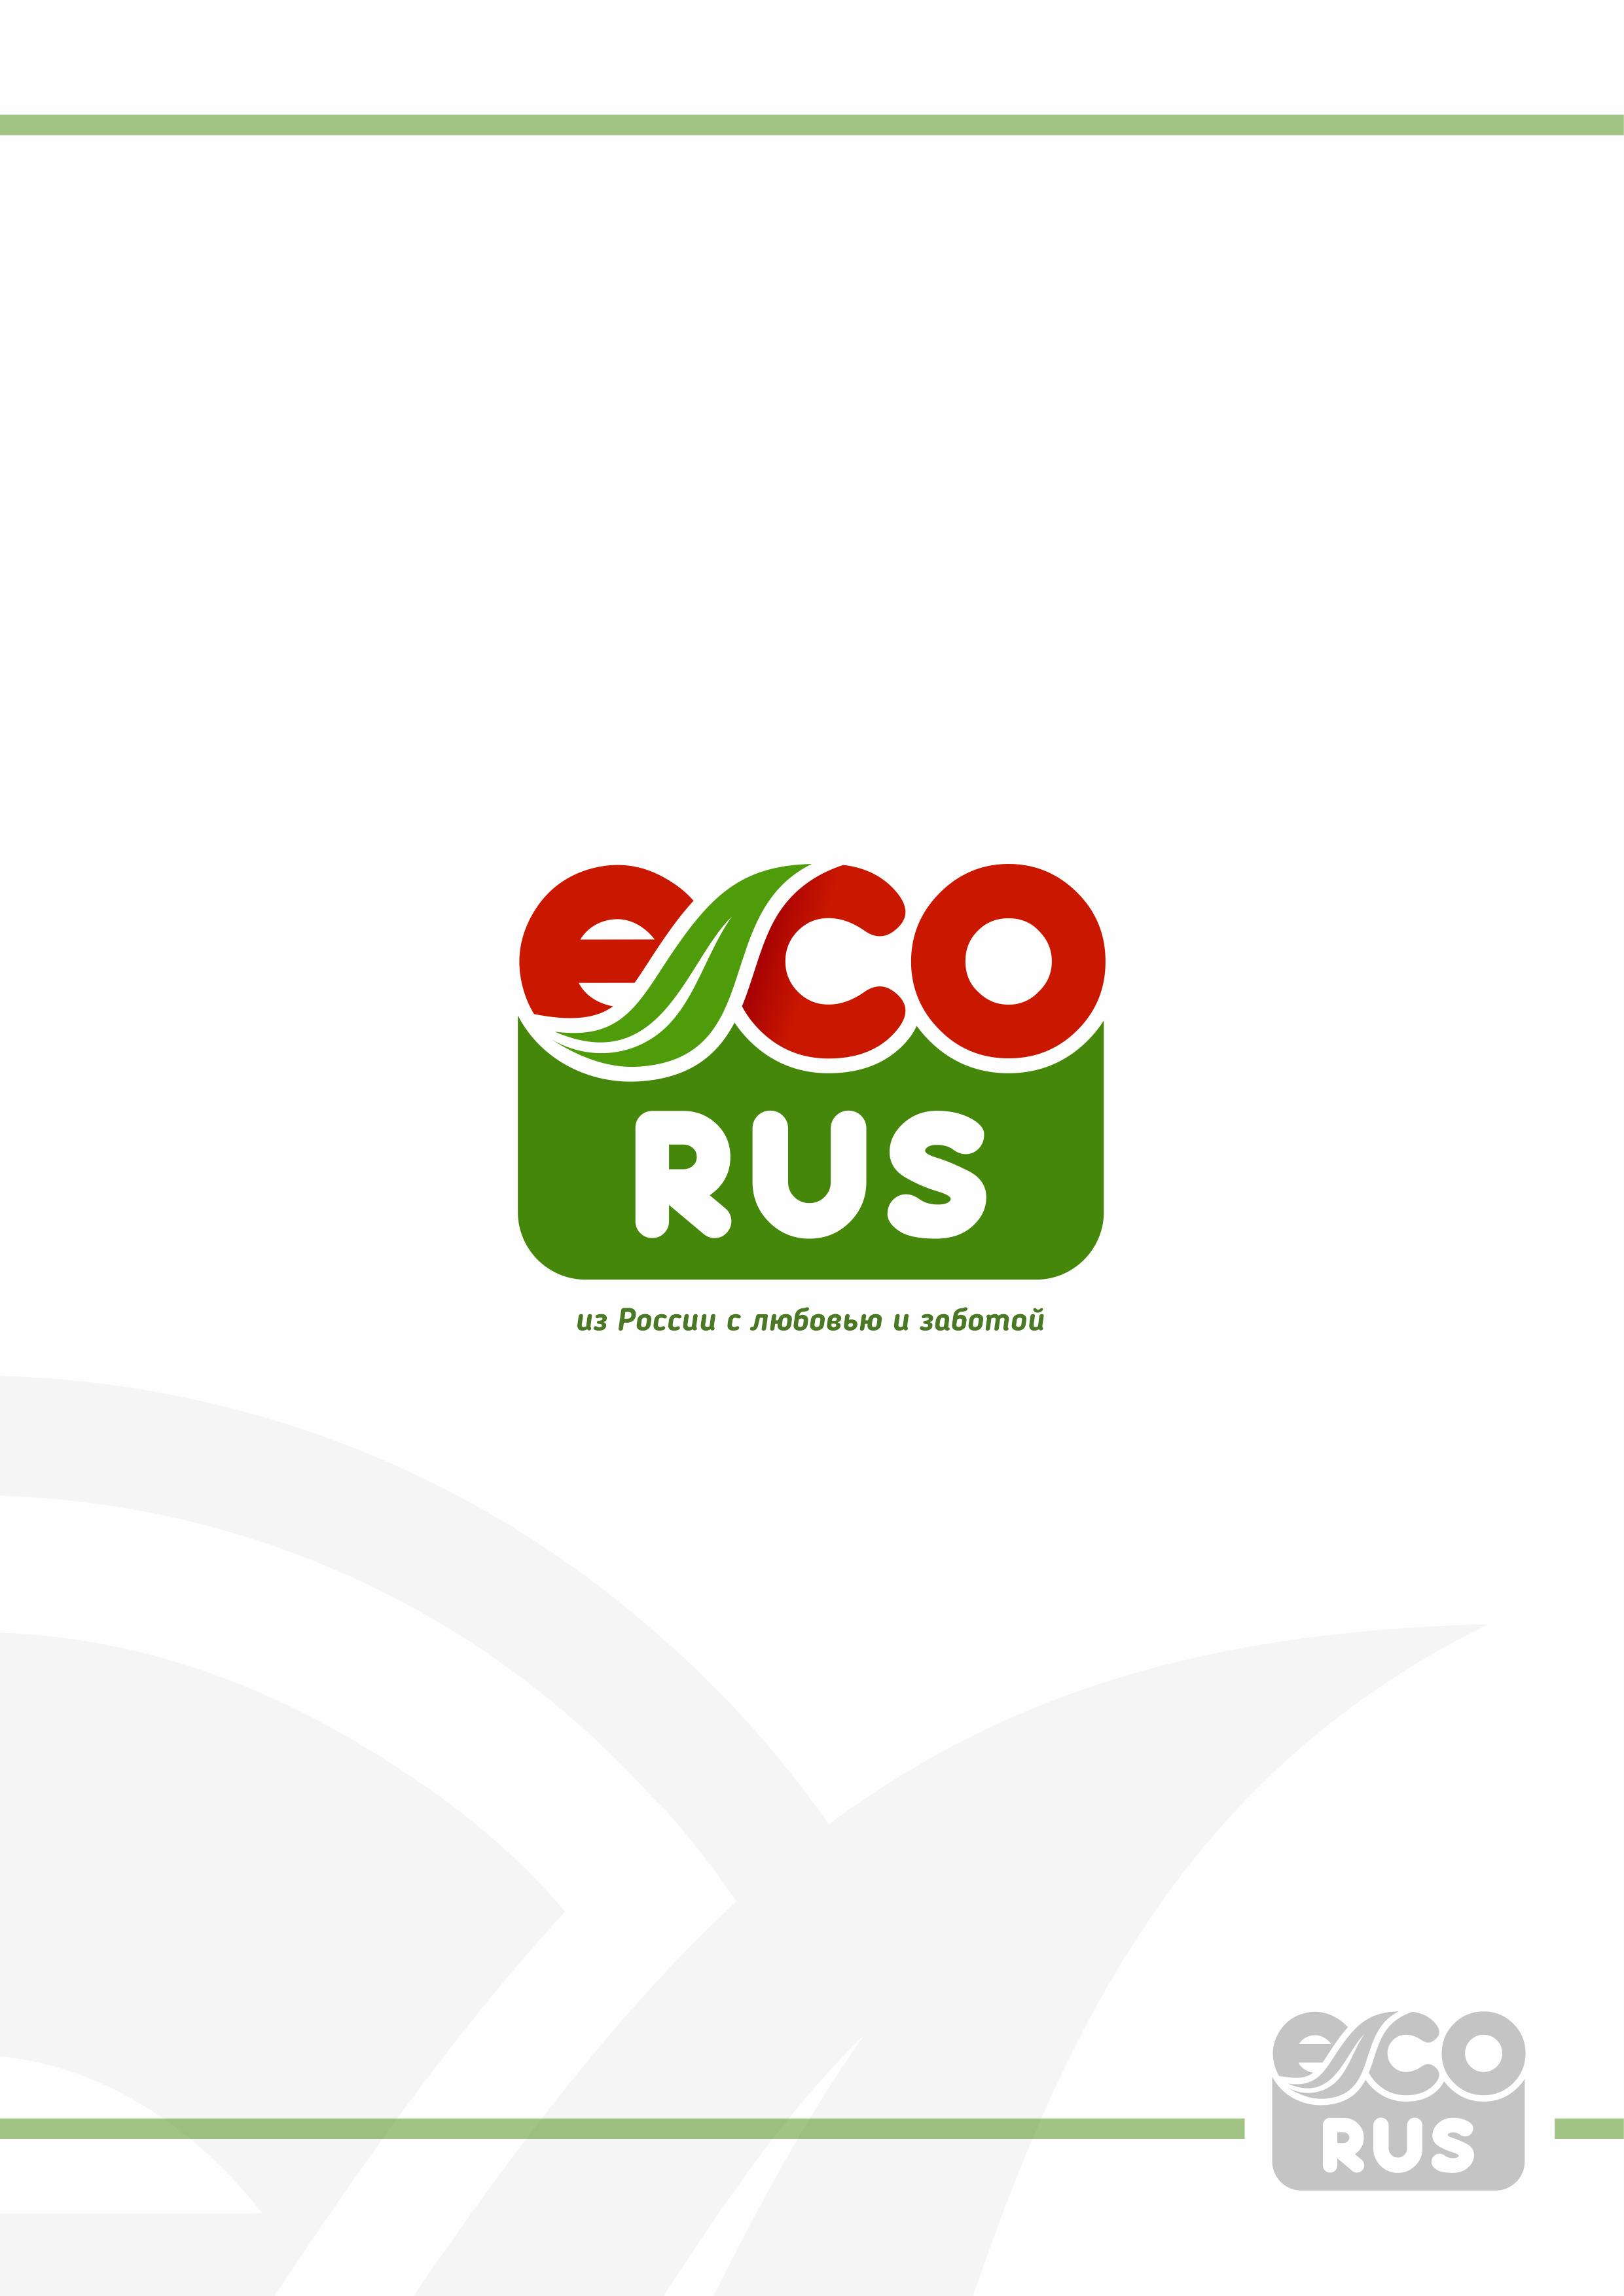 Логотип для поставщика продуктов питания из России в Китай фото f_7725ea72c7ada8f4.png